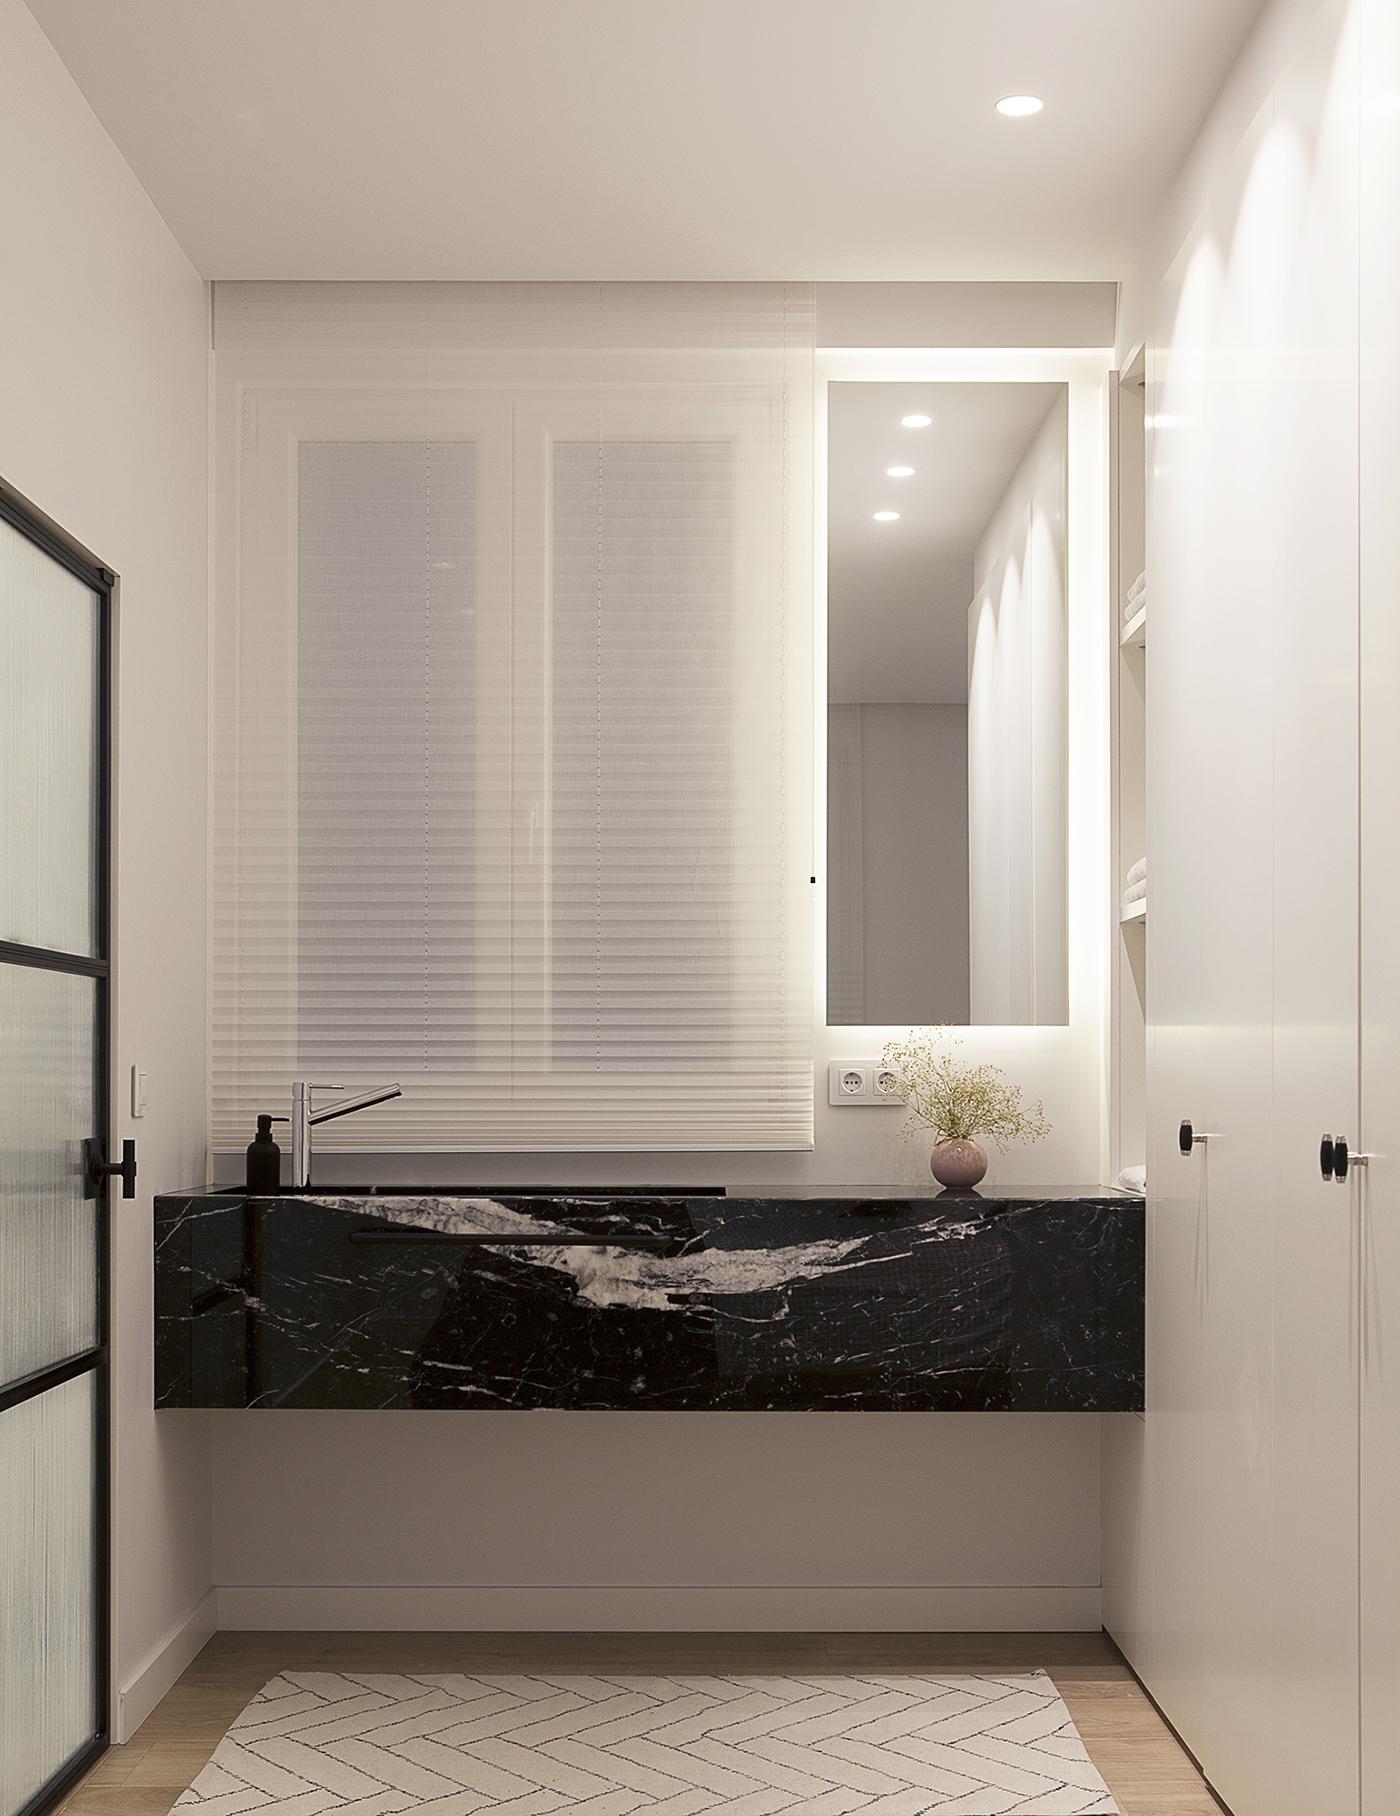 Espejos Para Bano Con Luz.Espejos De Bano Que Agrandan Decoran Iluminan Codis Bath